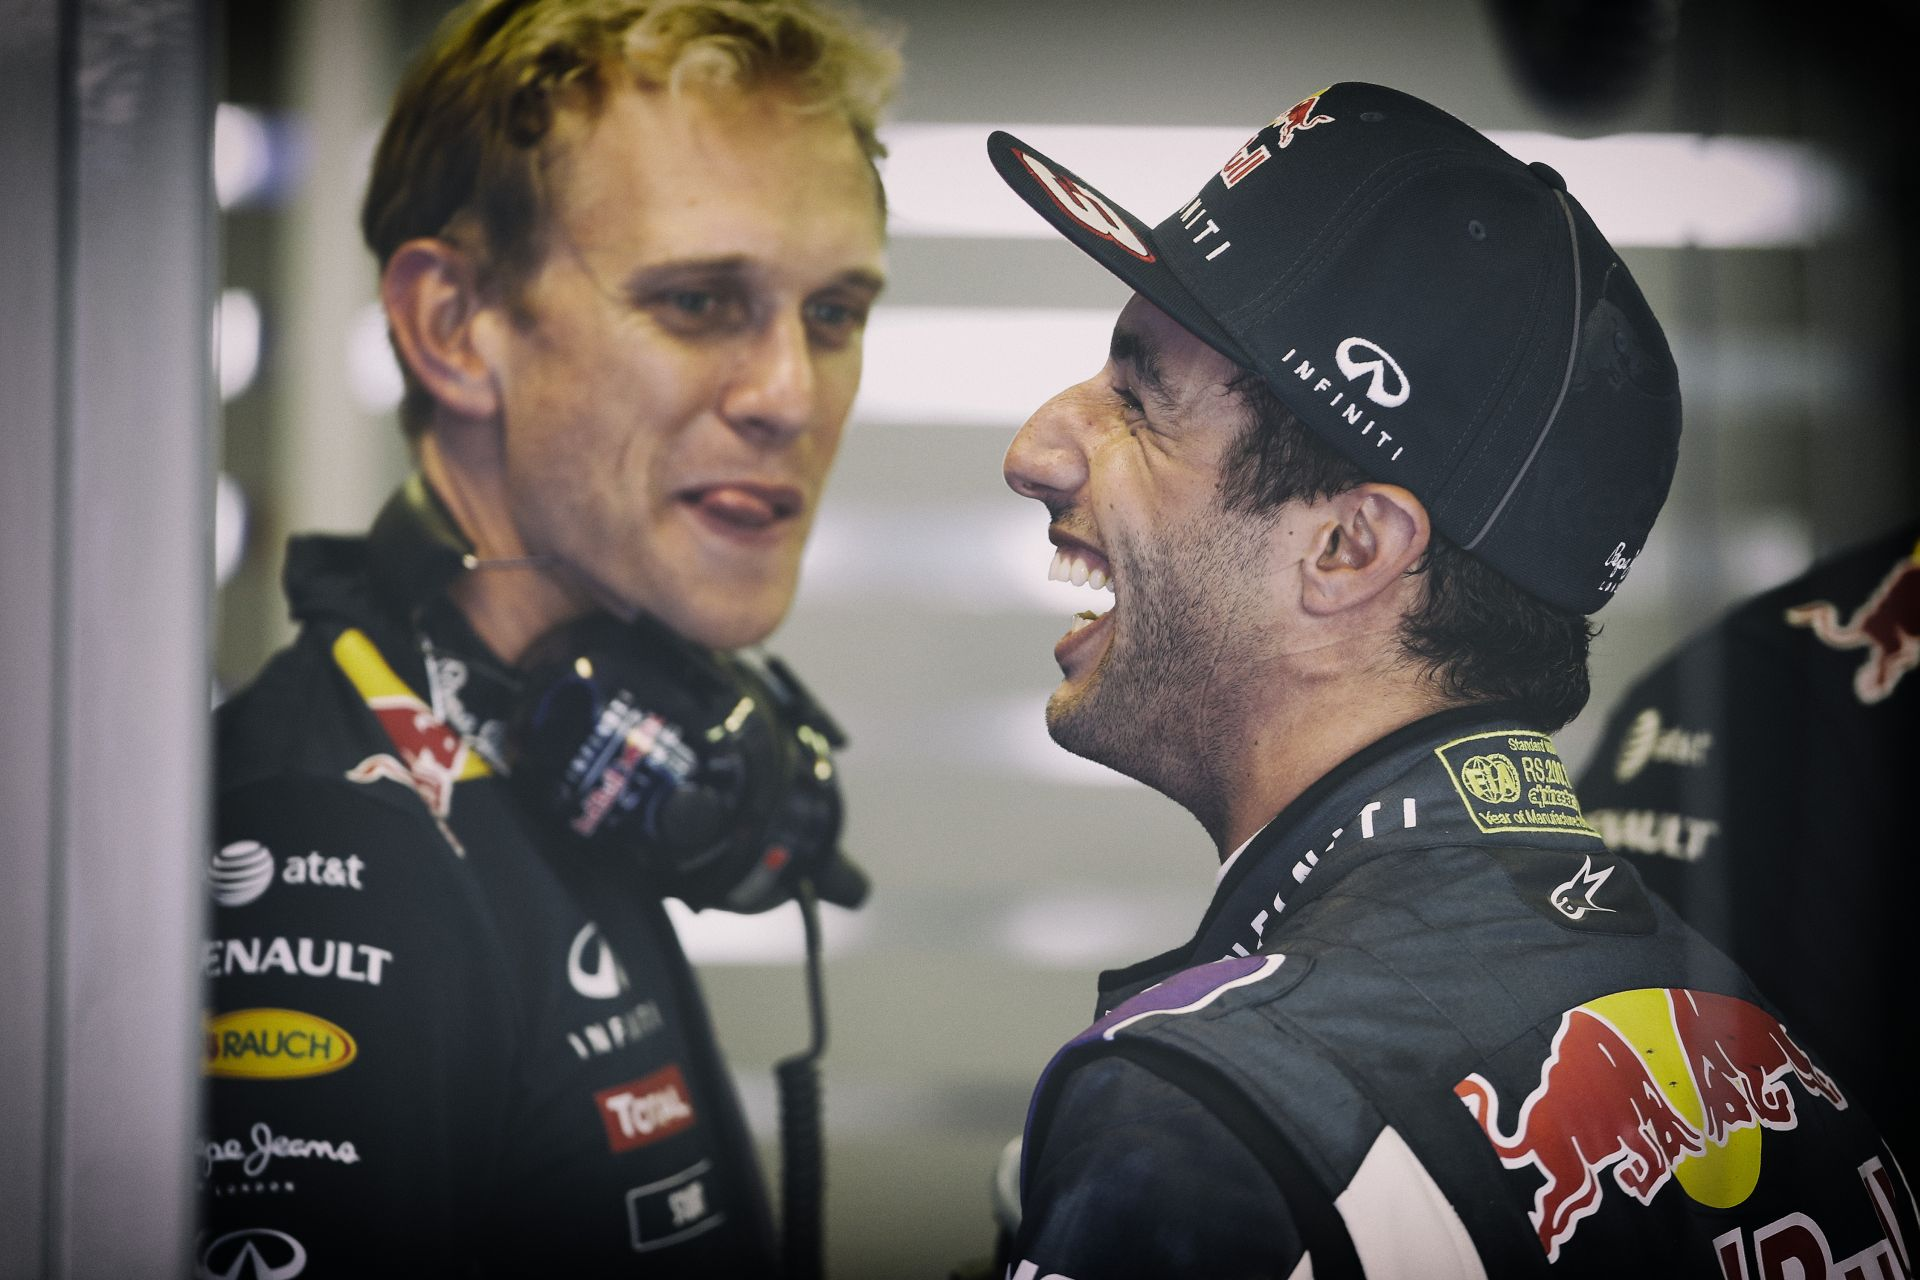 Ricciardo: Olyan jó lenne ott lenni a sajtótájékoztatón... azt hittem meglesz a P3!